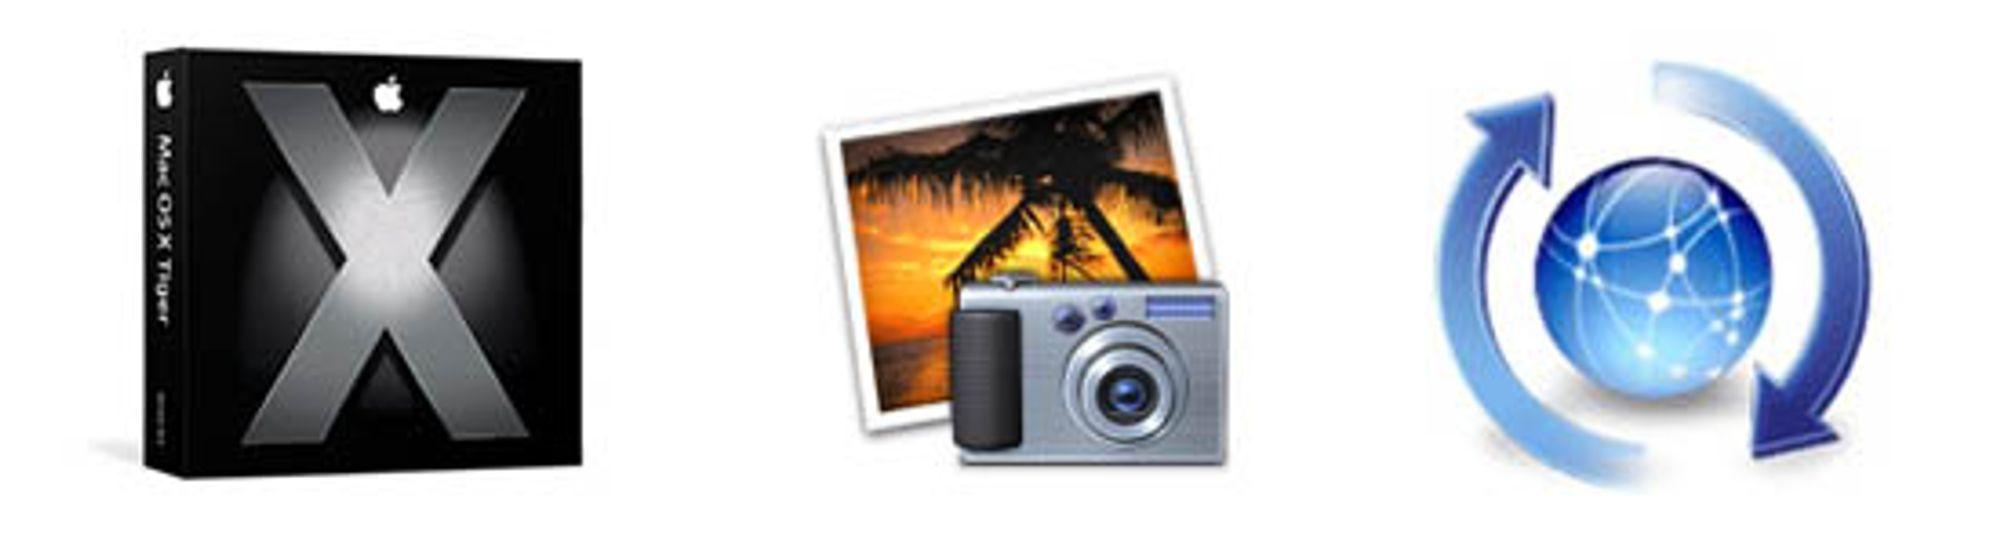 OS X Tiger og iPhoto kan nå oppgraderes.